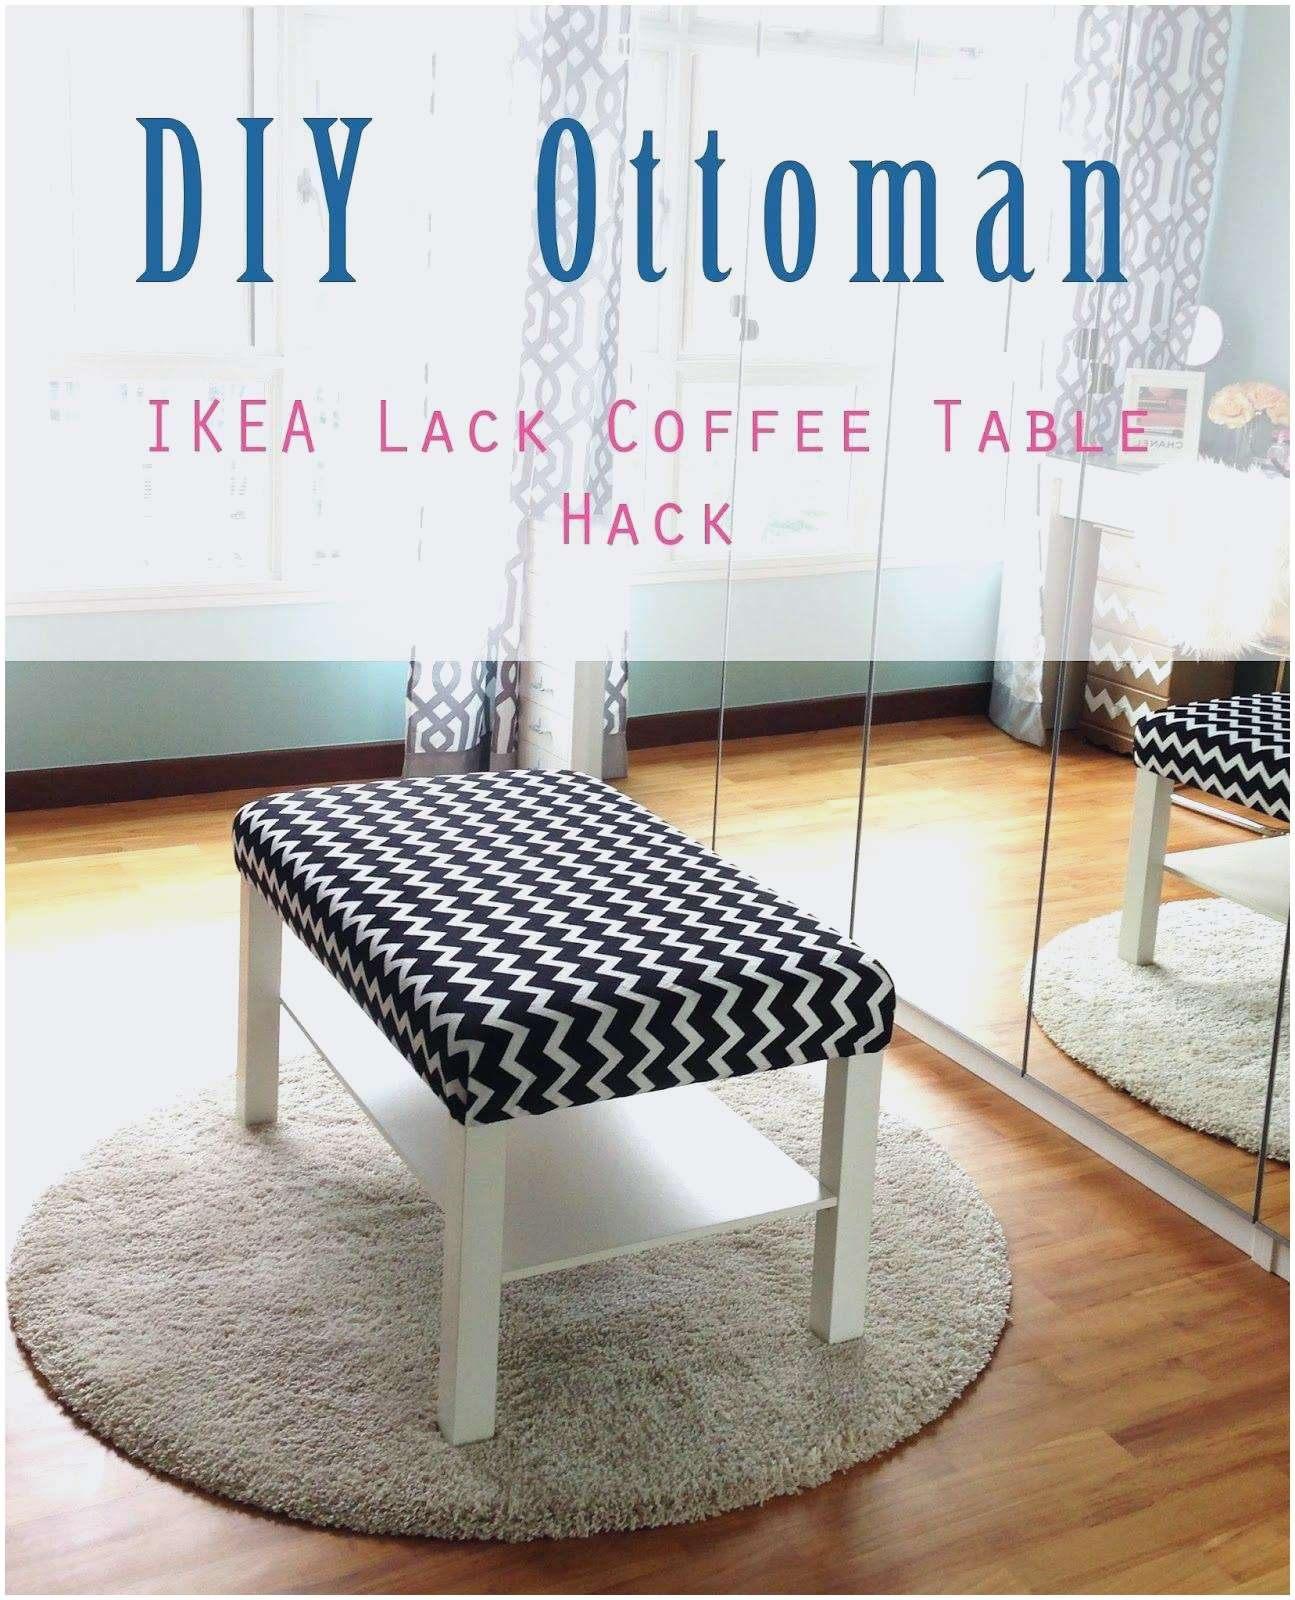 Lit Voiture Ikea Charmant Le Meilleur De Kura Reversible Bed White Pine 90 X 200 Cm Ikea Pour